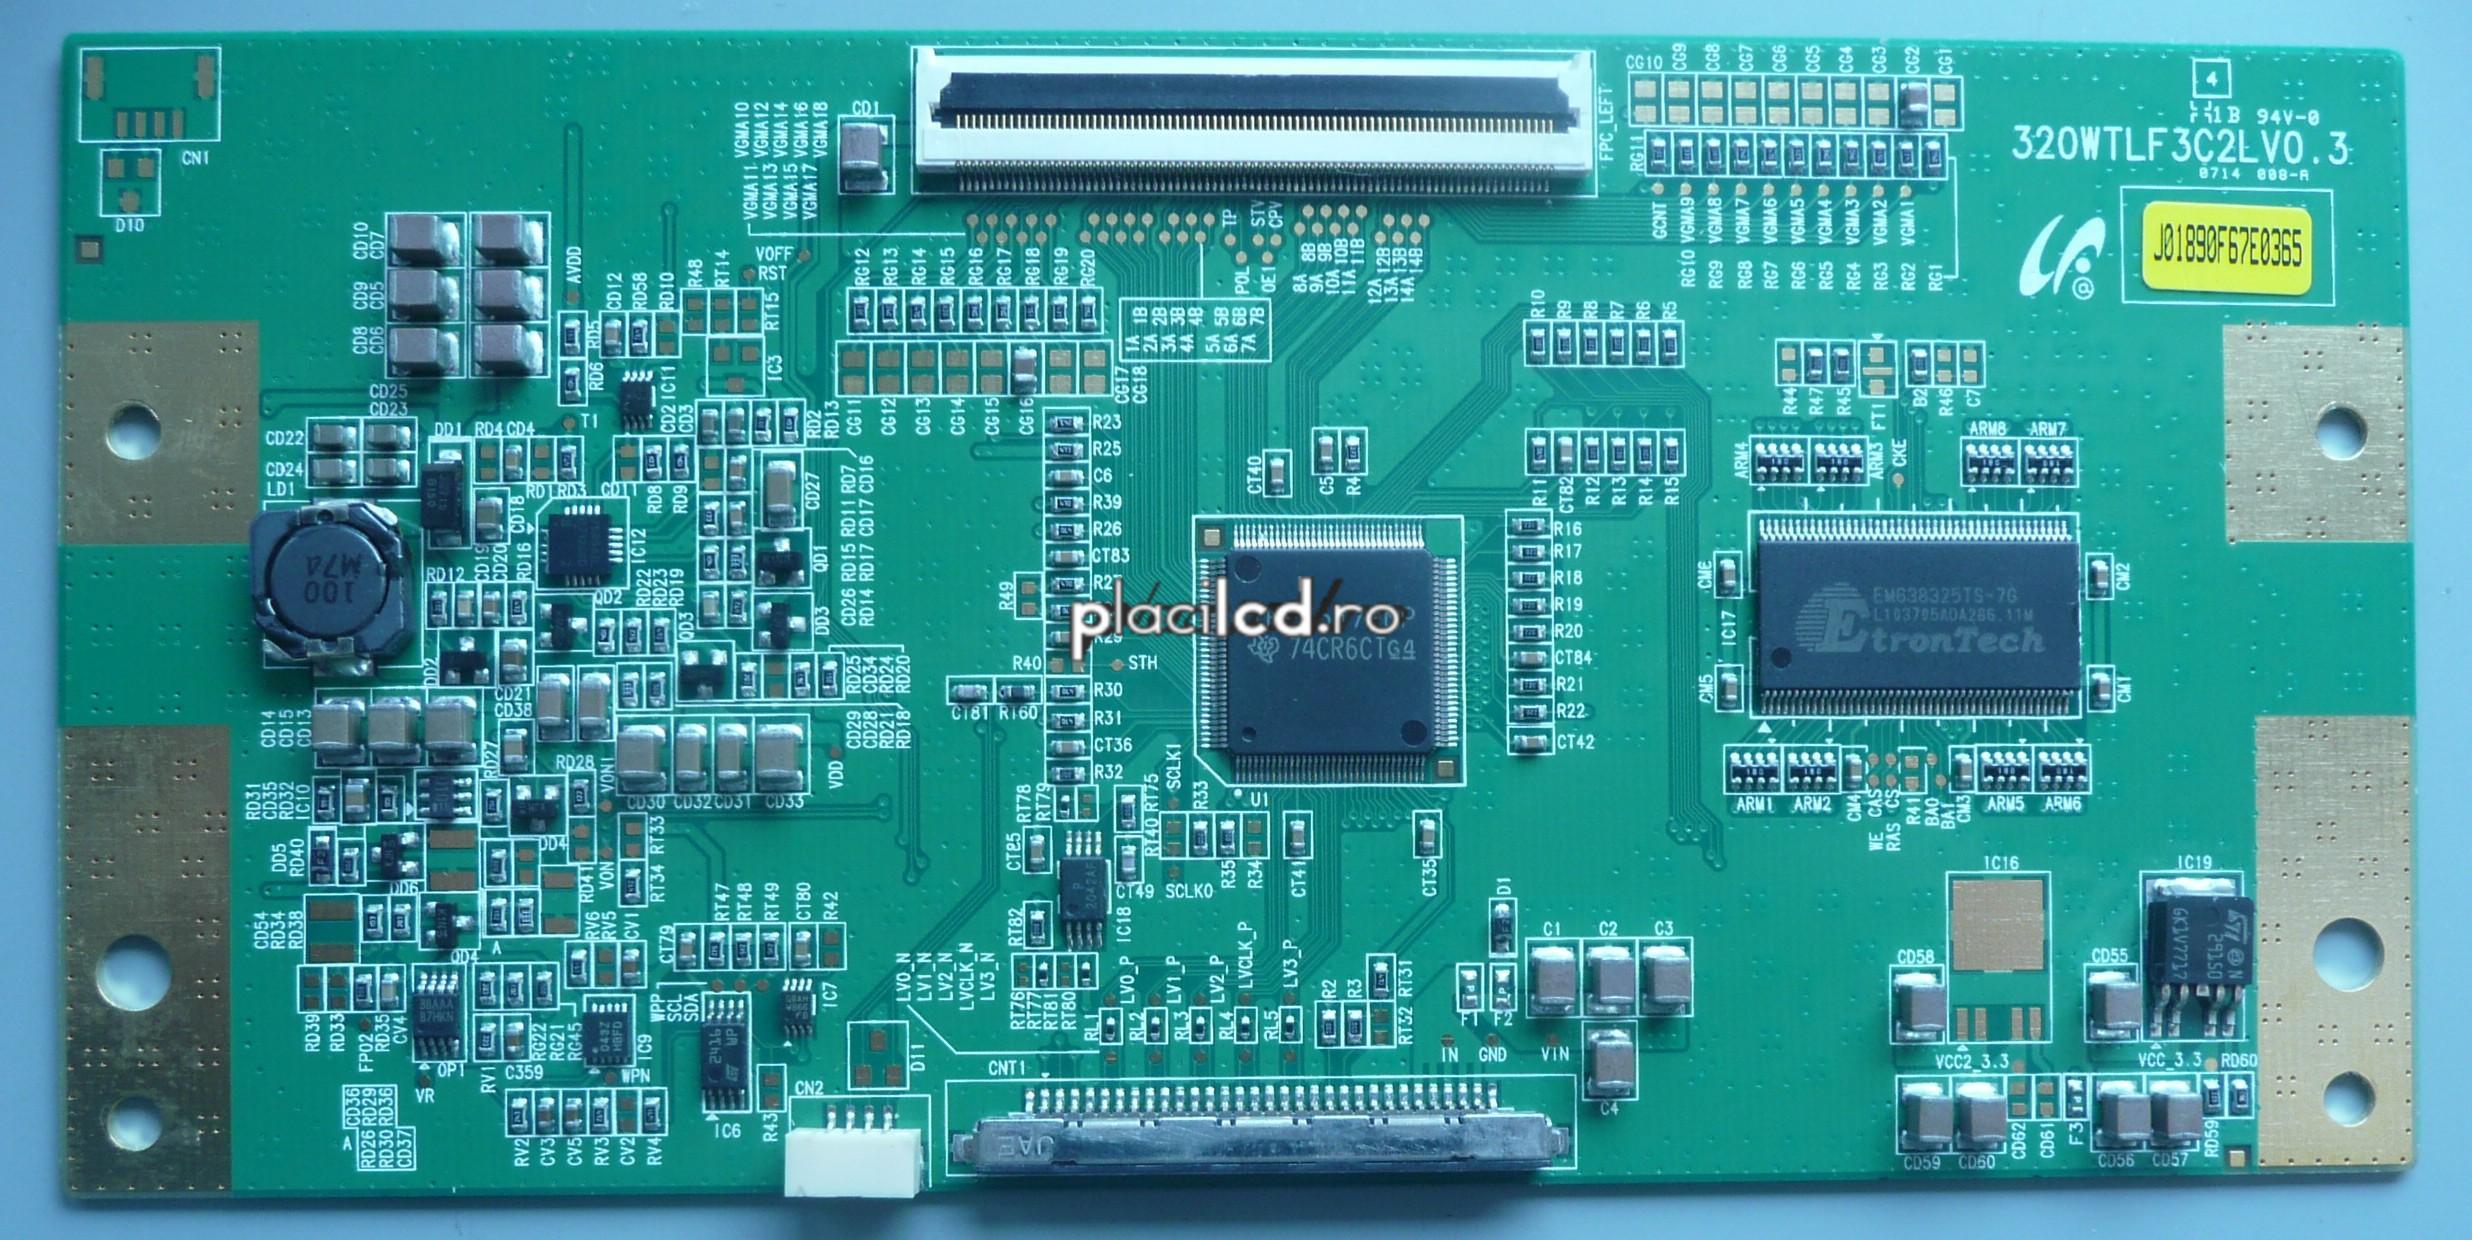 Placa LVDS 320WTLF3C2LV0.3